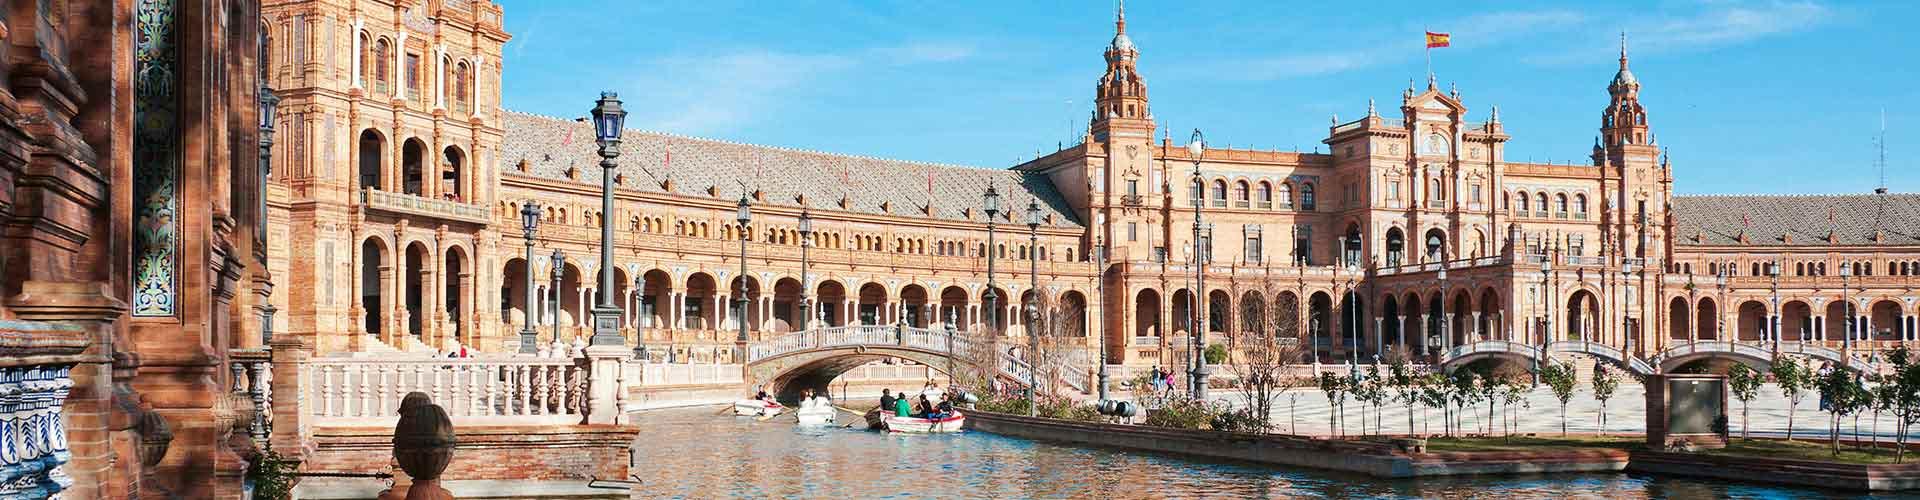 Seville - Ifjúsági Szállások Sevilleben. Seville térképek, fotók és ajánlások minden egyes ifjúsági szállásokra Seville-ben.